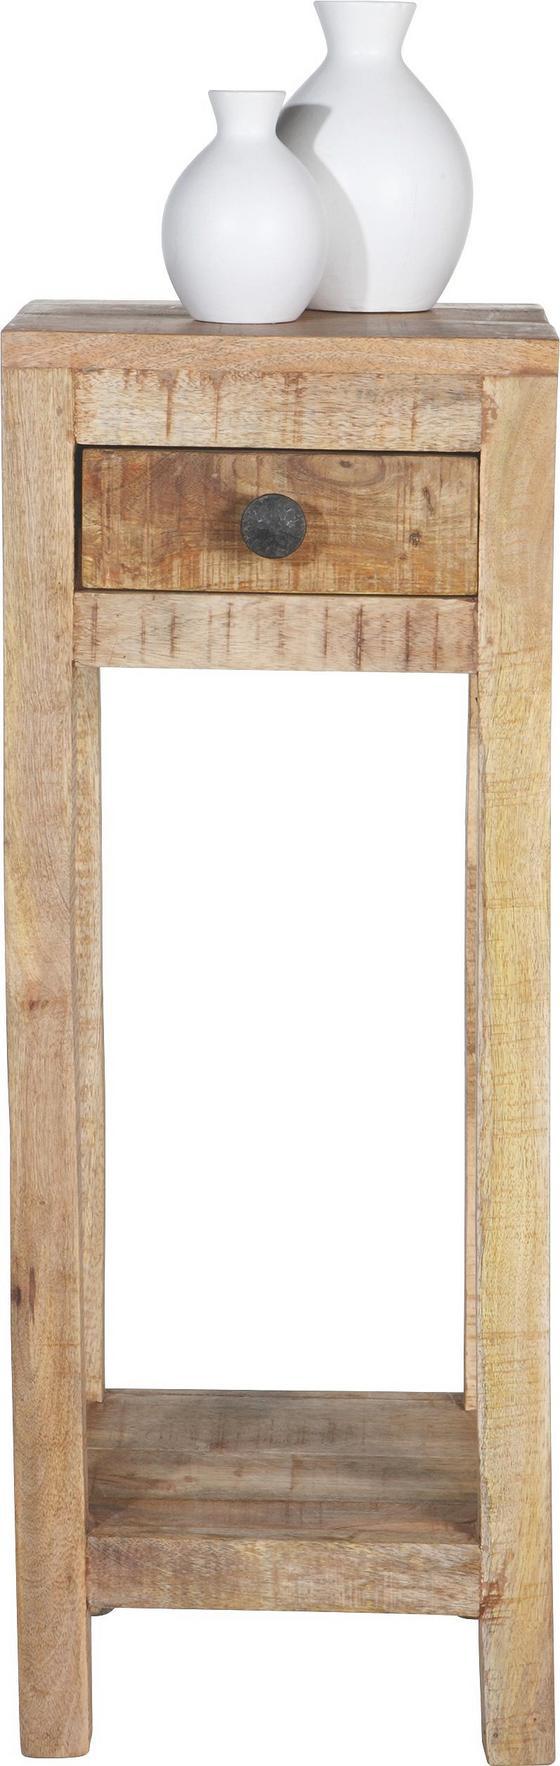 Odkládací Stolek Industry - přírodní barvy, dřevo (30/80/30cm) - James Wood